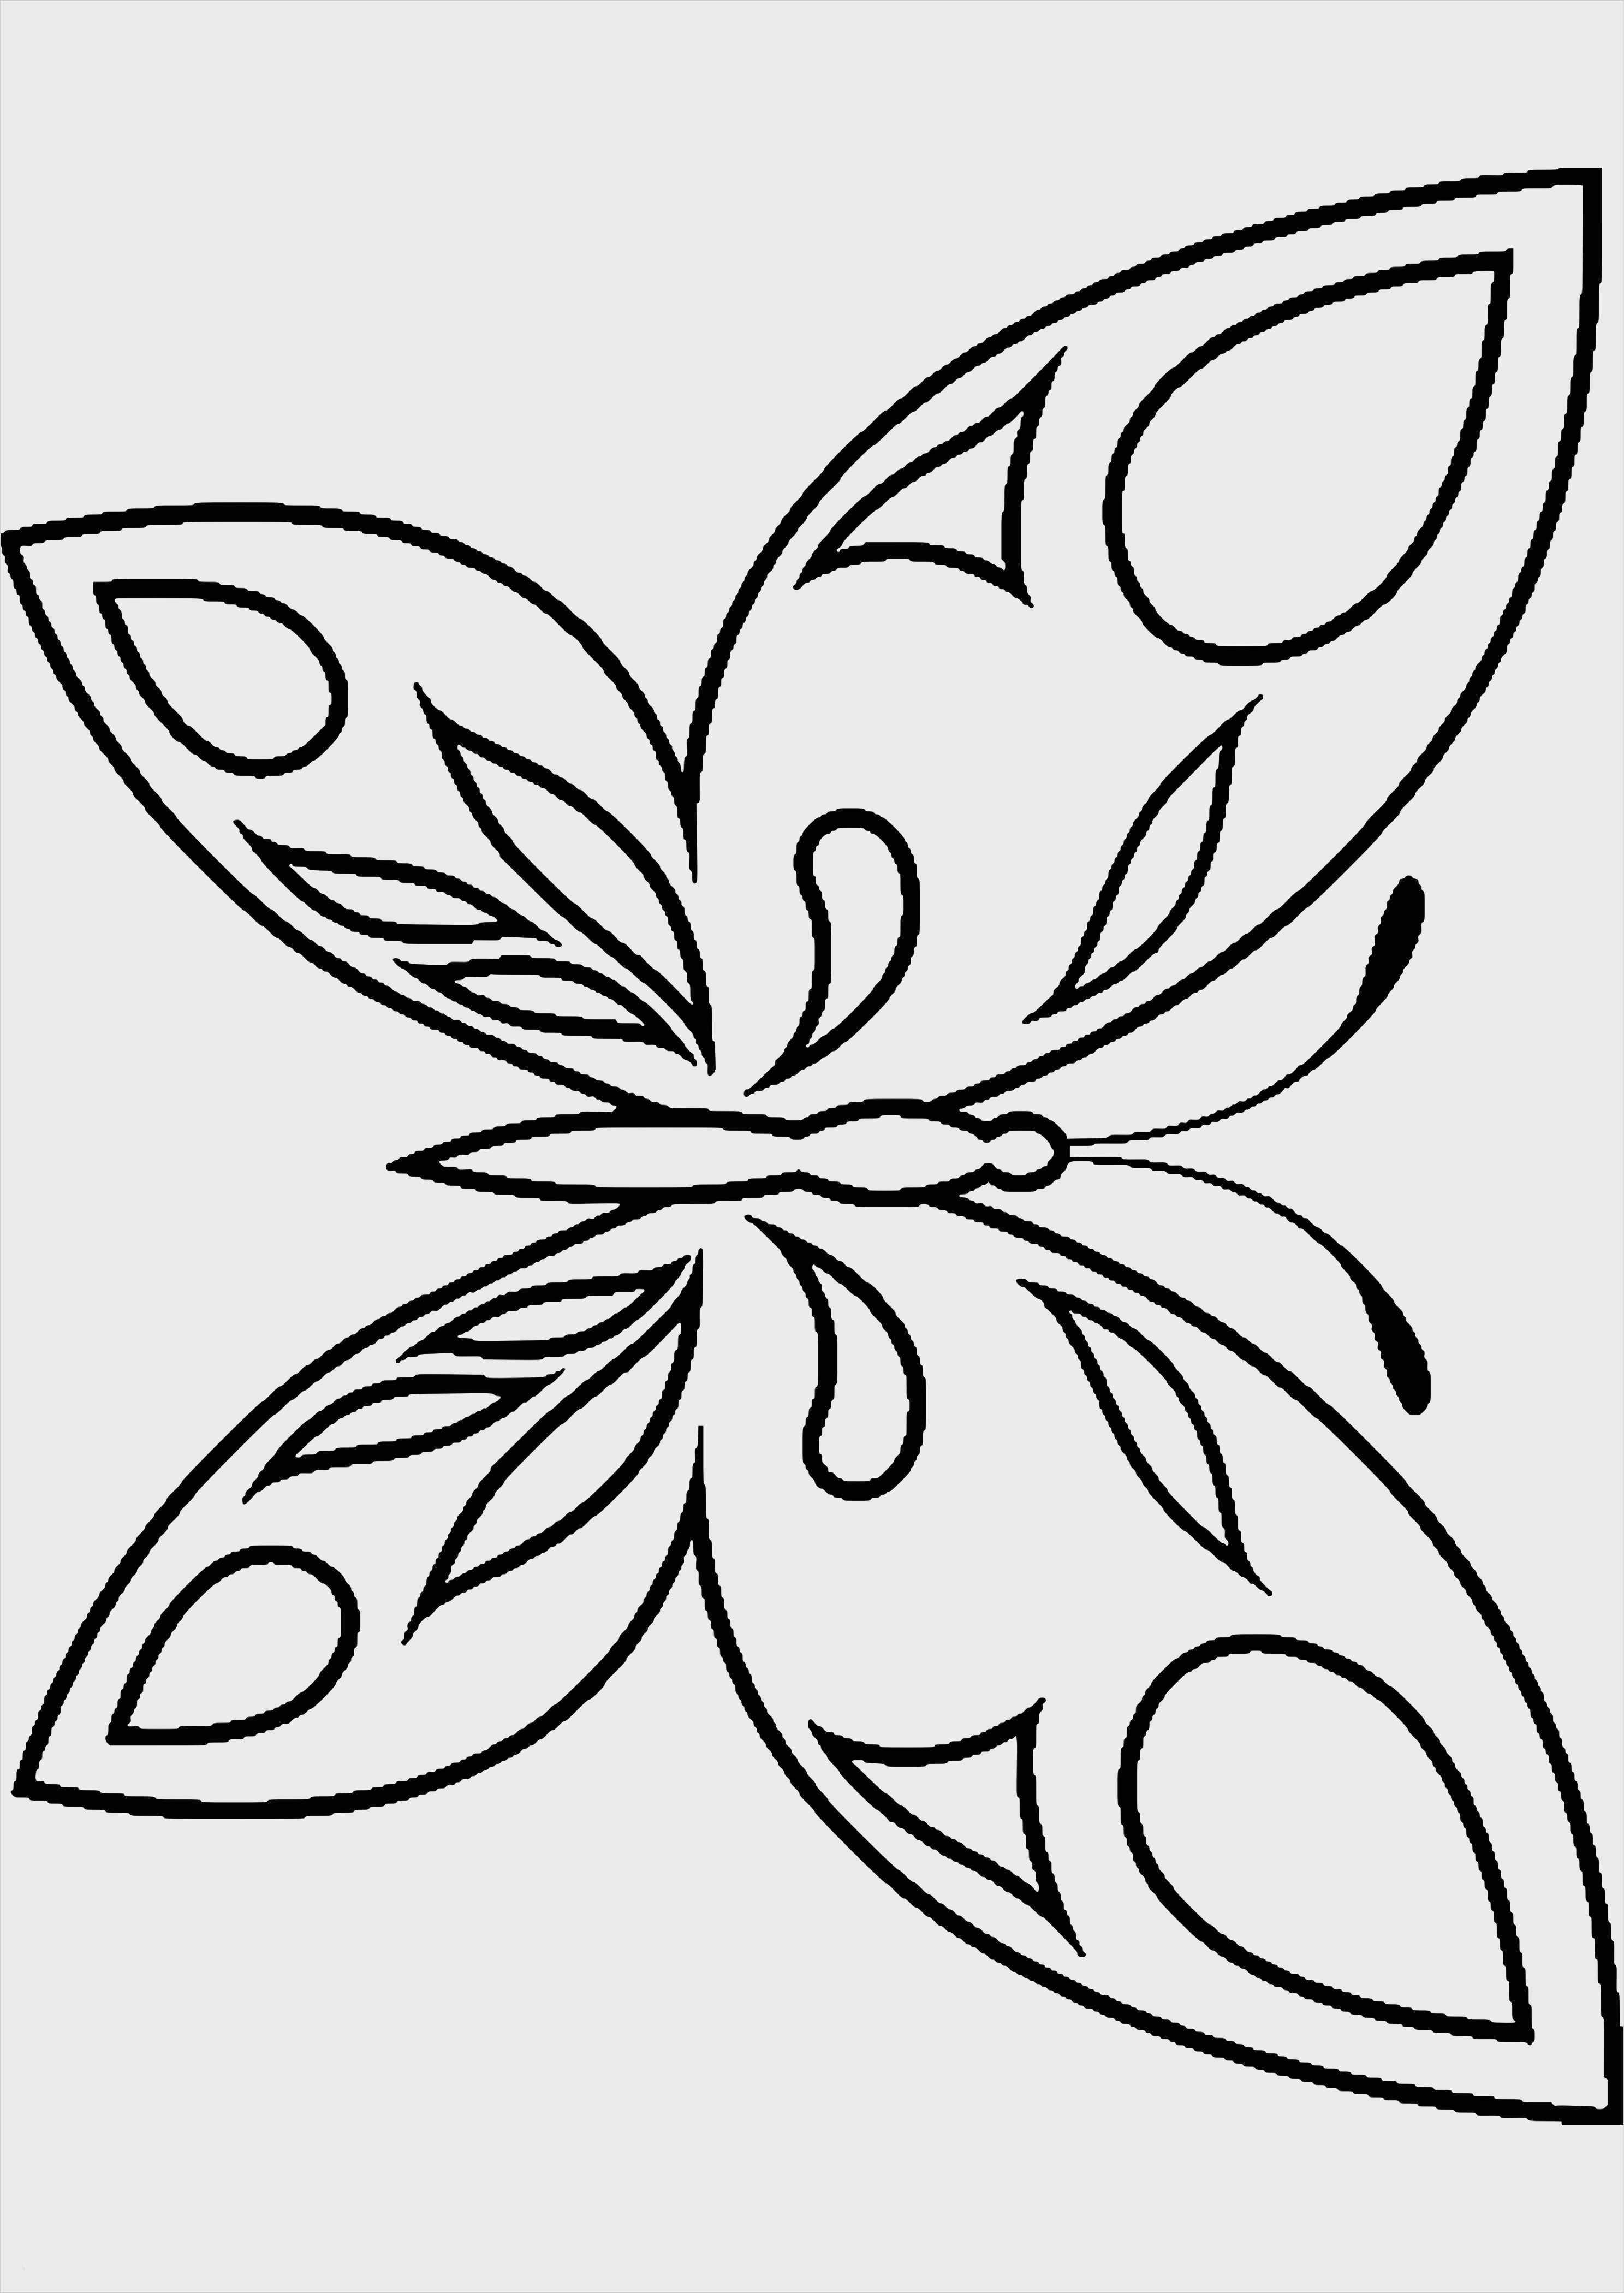 Wunderbar Schmetterling Vorlage Zum Ausdrucken Jene Konnen Einstellen Fur Ihre Kreativi In 2020 Schmetterling Vorlage Ausmalbilder Schmetterling Schmetterling Ausmalen